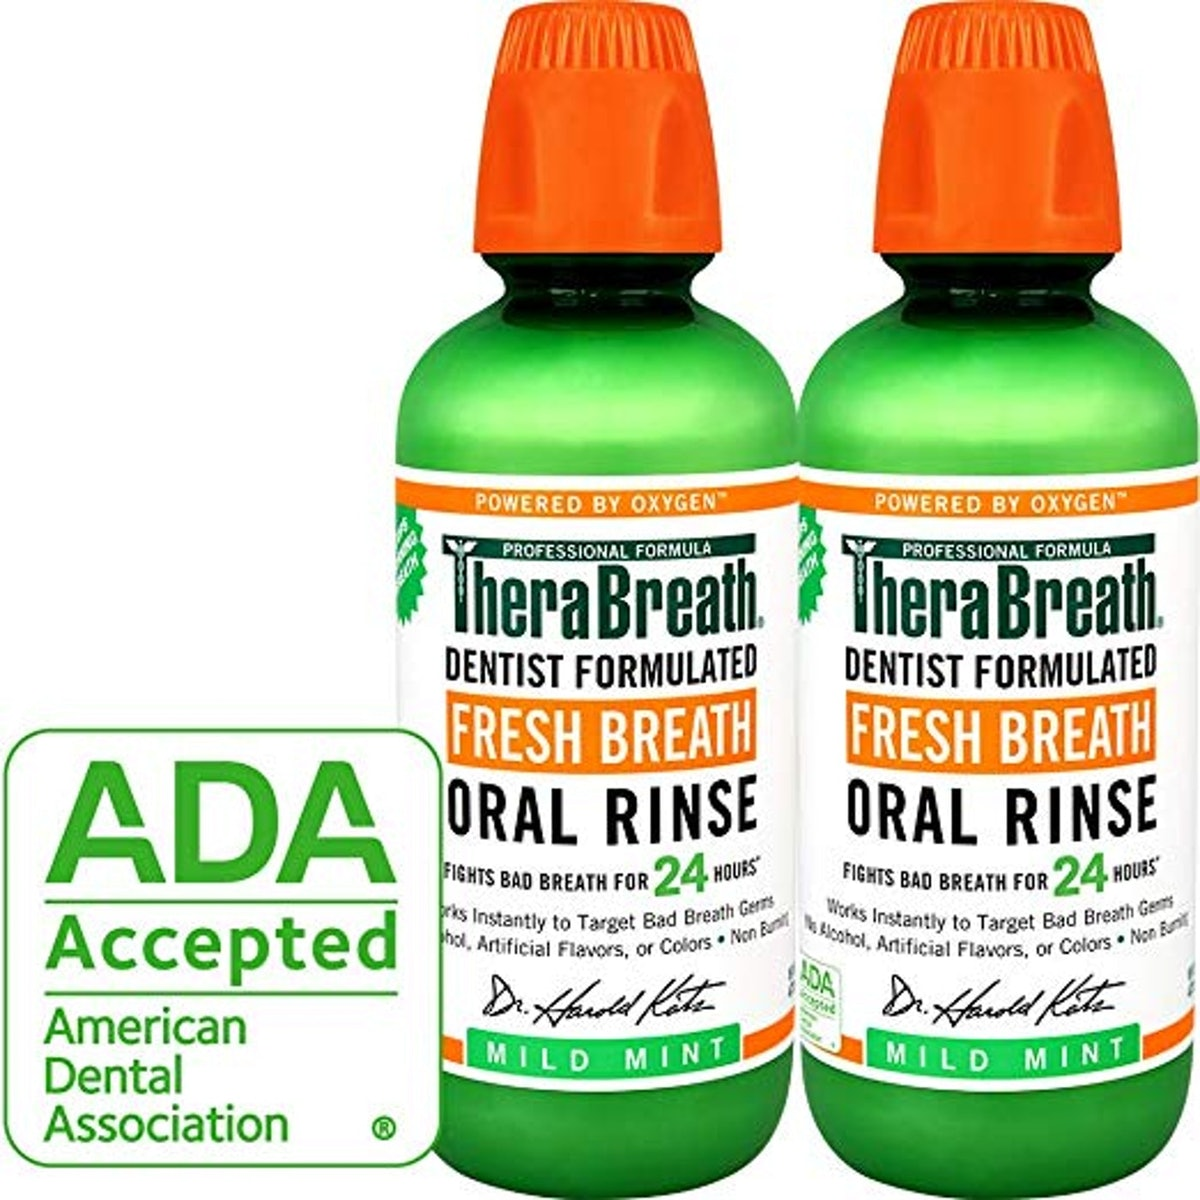 TheraBreath Fresh Breath Oral Rinse